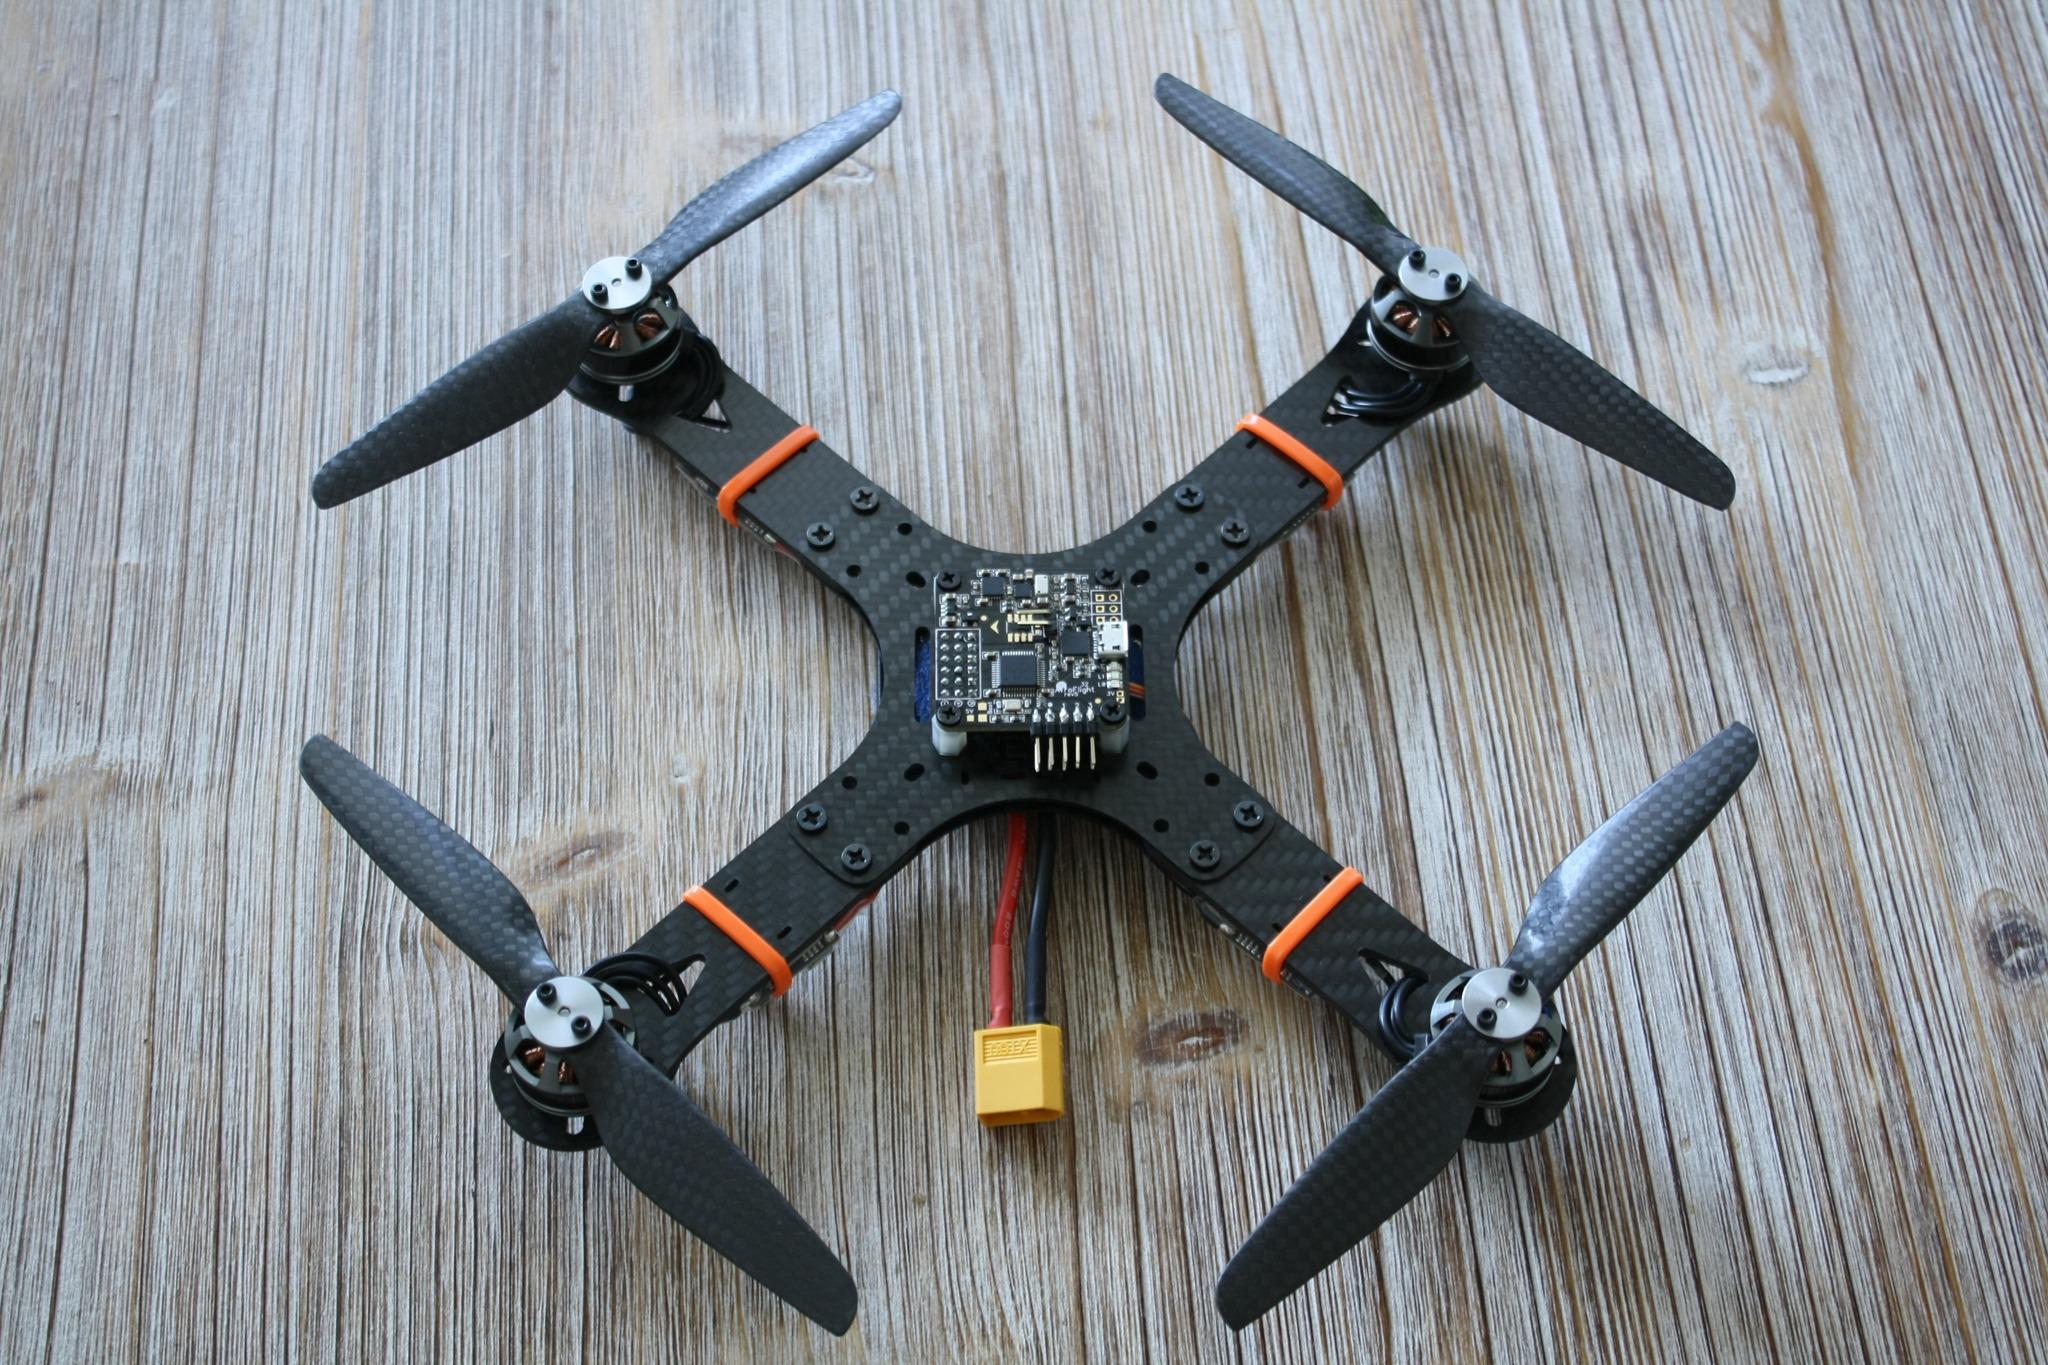 DroneHiTech.com – SG Acro – Quadcopter design files